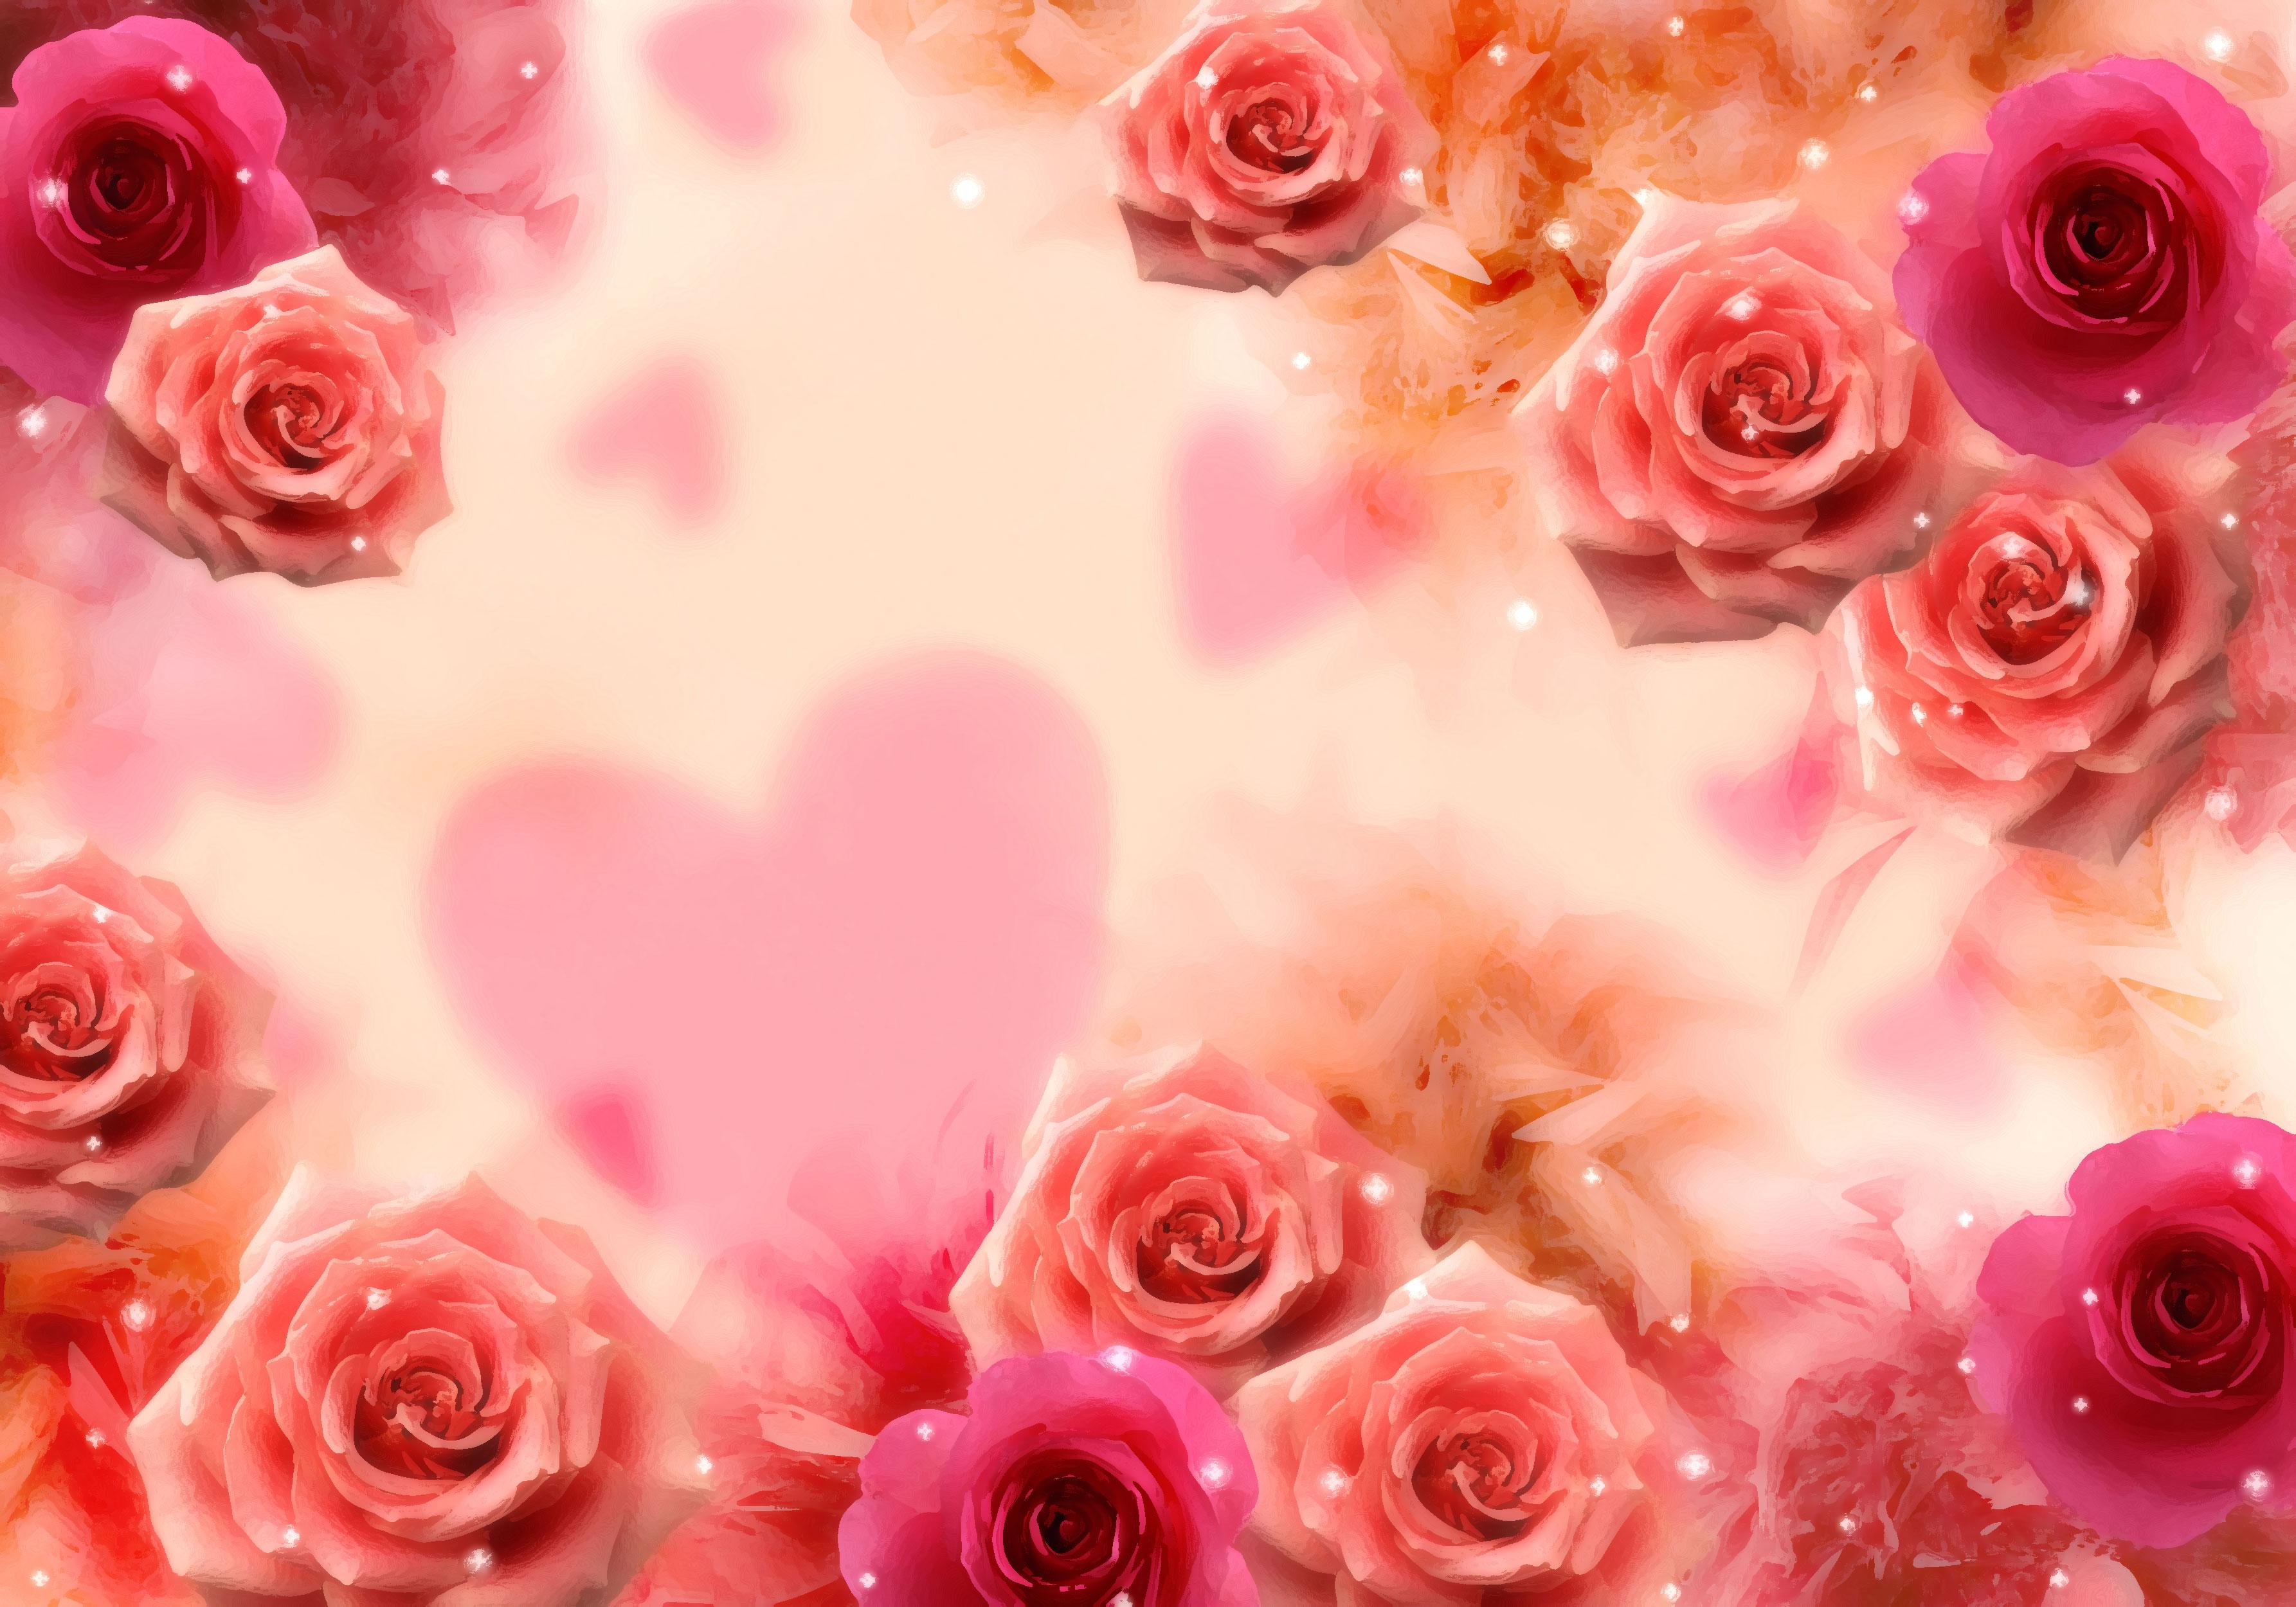 薔薇 背景 素材 フリー 花 Wwwthetupiancom